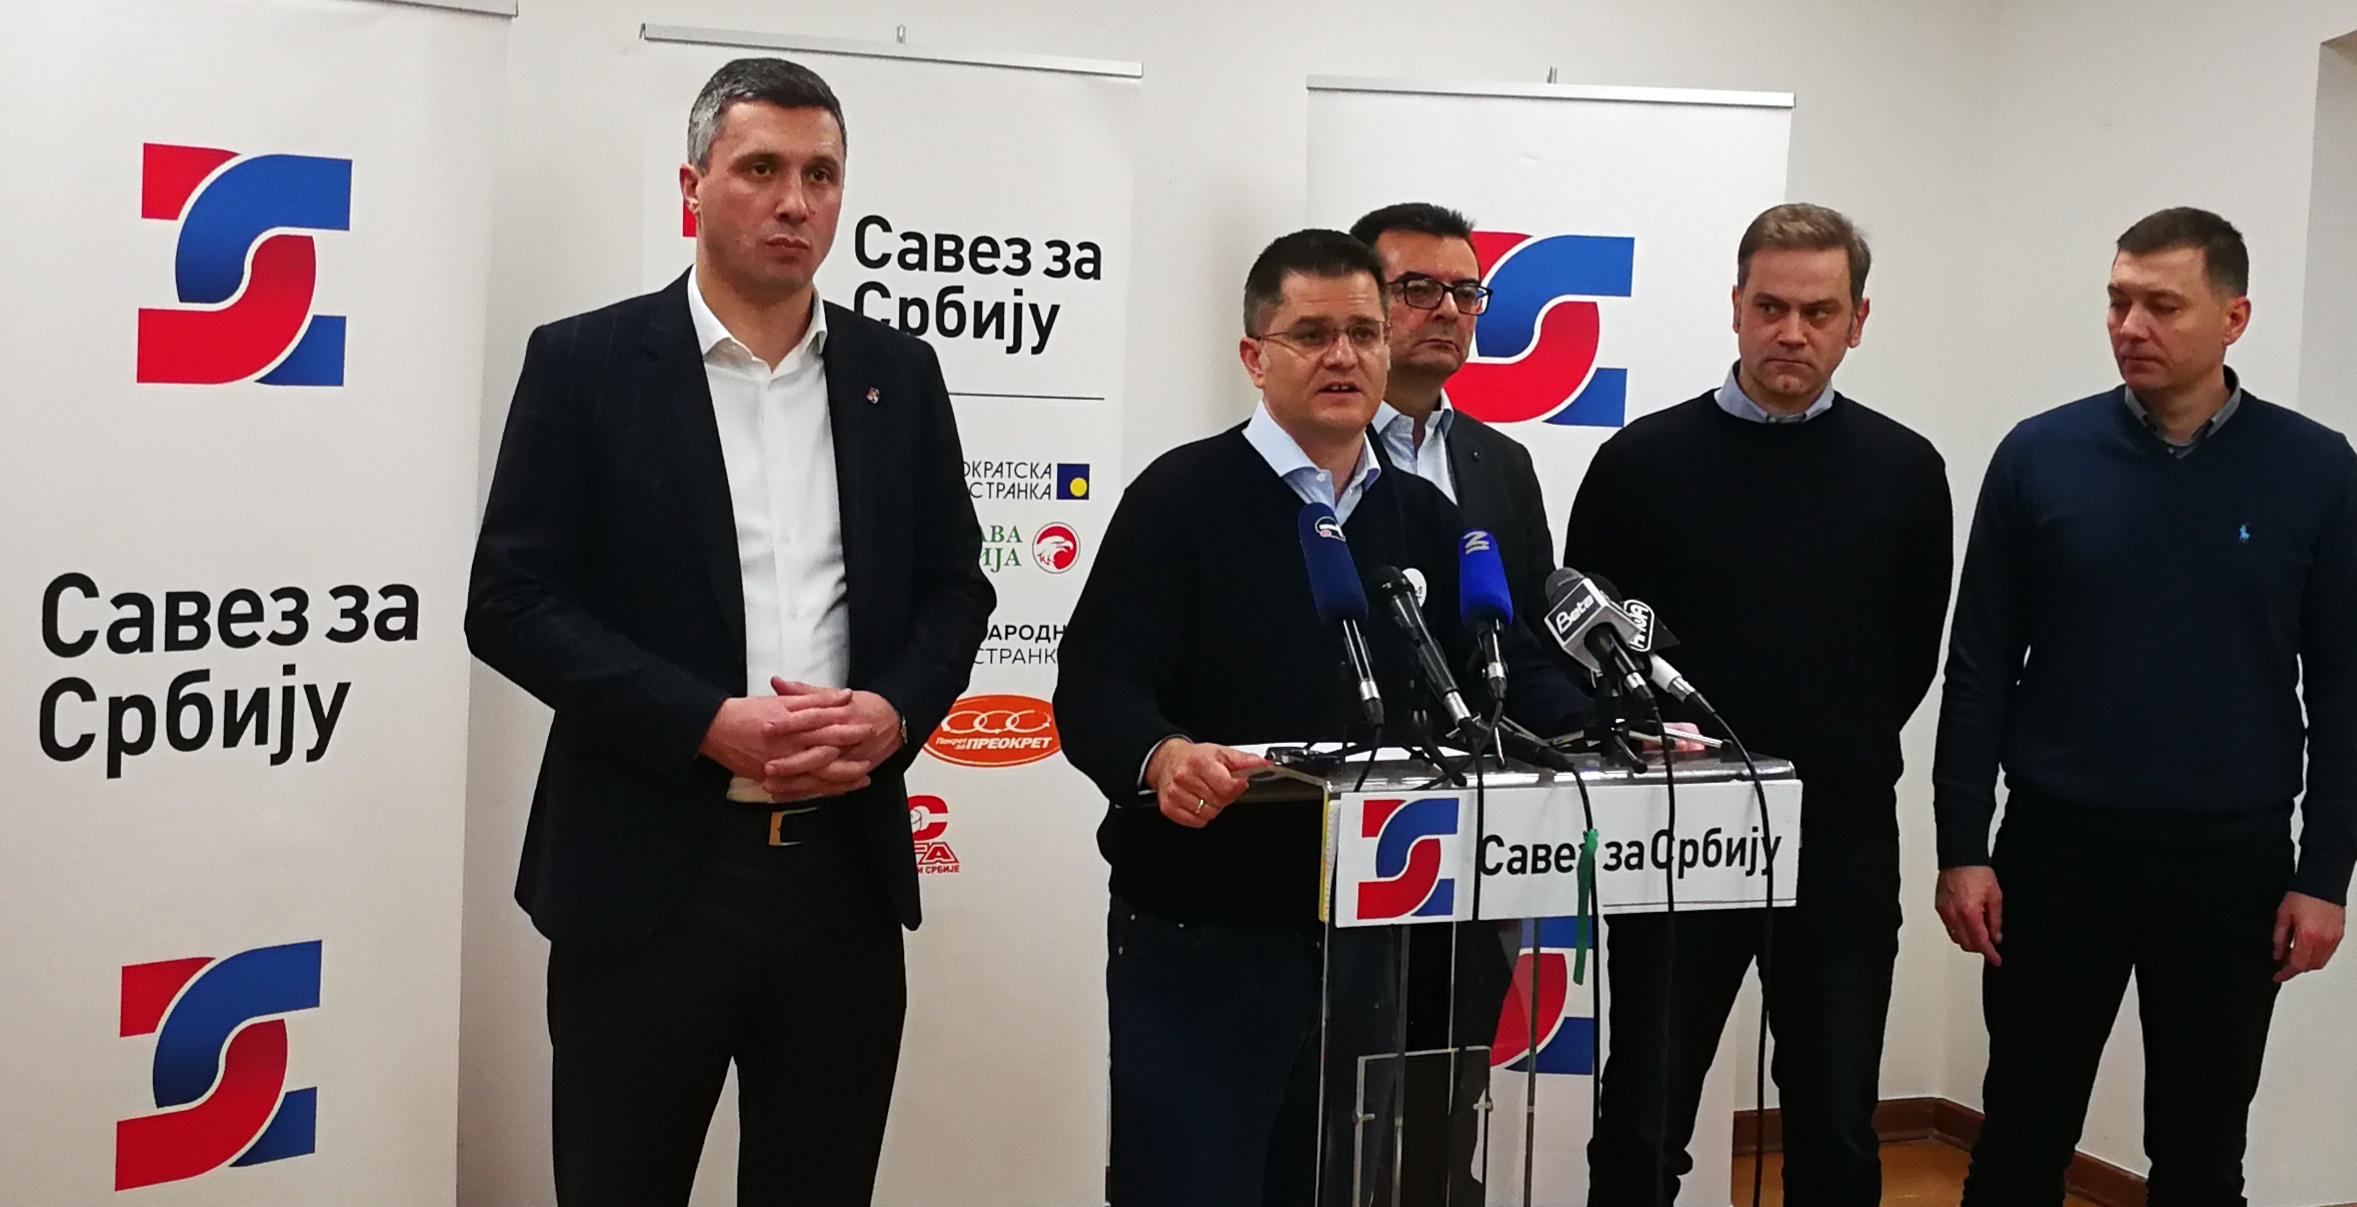 Јеремић: Врата отворена свима, СЗС за јединство опозиције